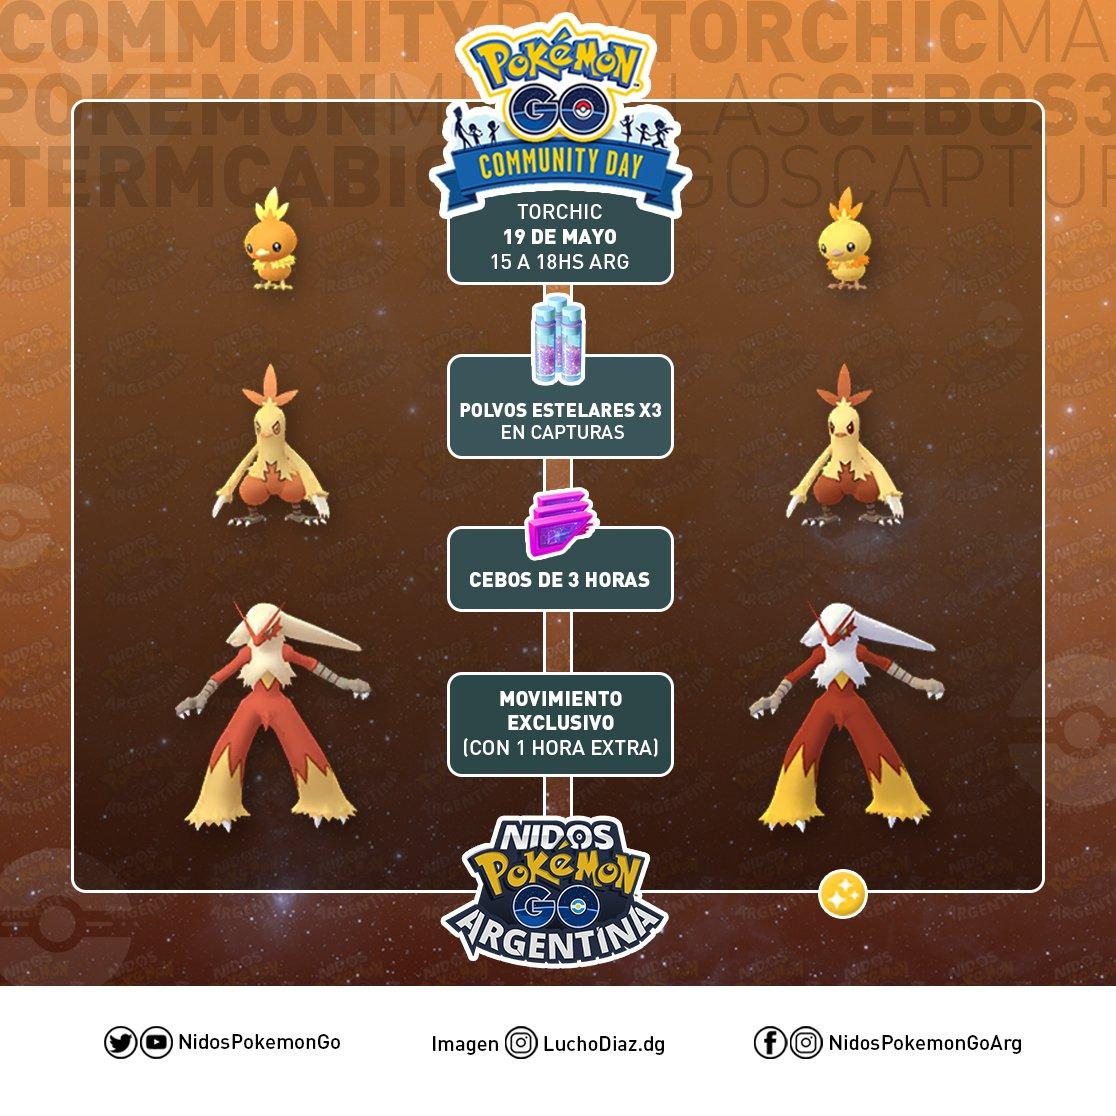 Imagen de Torchic y sus evoluciones normal y shiny hecho por Nidos Pokémon GO Argentina